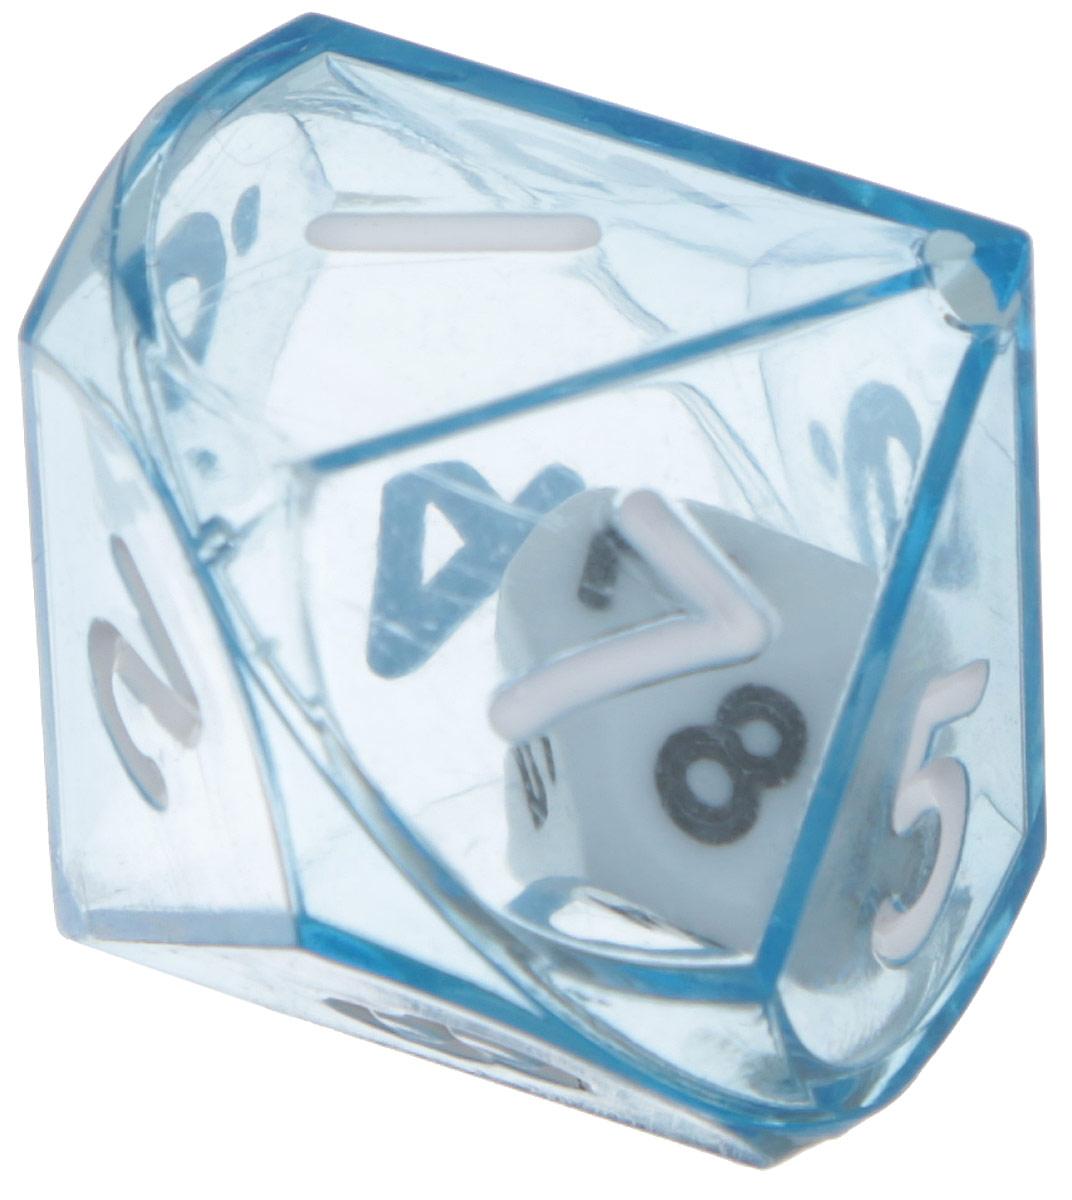 Koplow Games Кость игральная Идеальный процентник D10 цвет синий12596_синийИгральная кость Идеальный процентник состоит из прозрачной кости D10 с такой же костью внутри. На каждую грань кости нанесены числа от 1 до 10. При броске на двух кубиках D10 выбрасываются два значения, одно из которых принимается за десяток, другое за единичное значение. Игральная кость выполнены из прочного пластика. Не рекомендуется детям до 3-х лет.